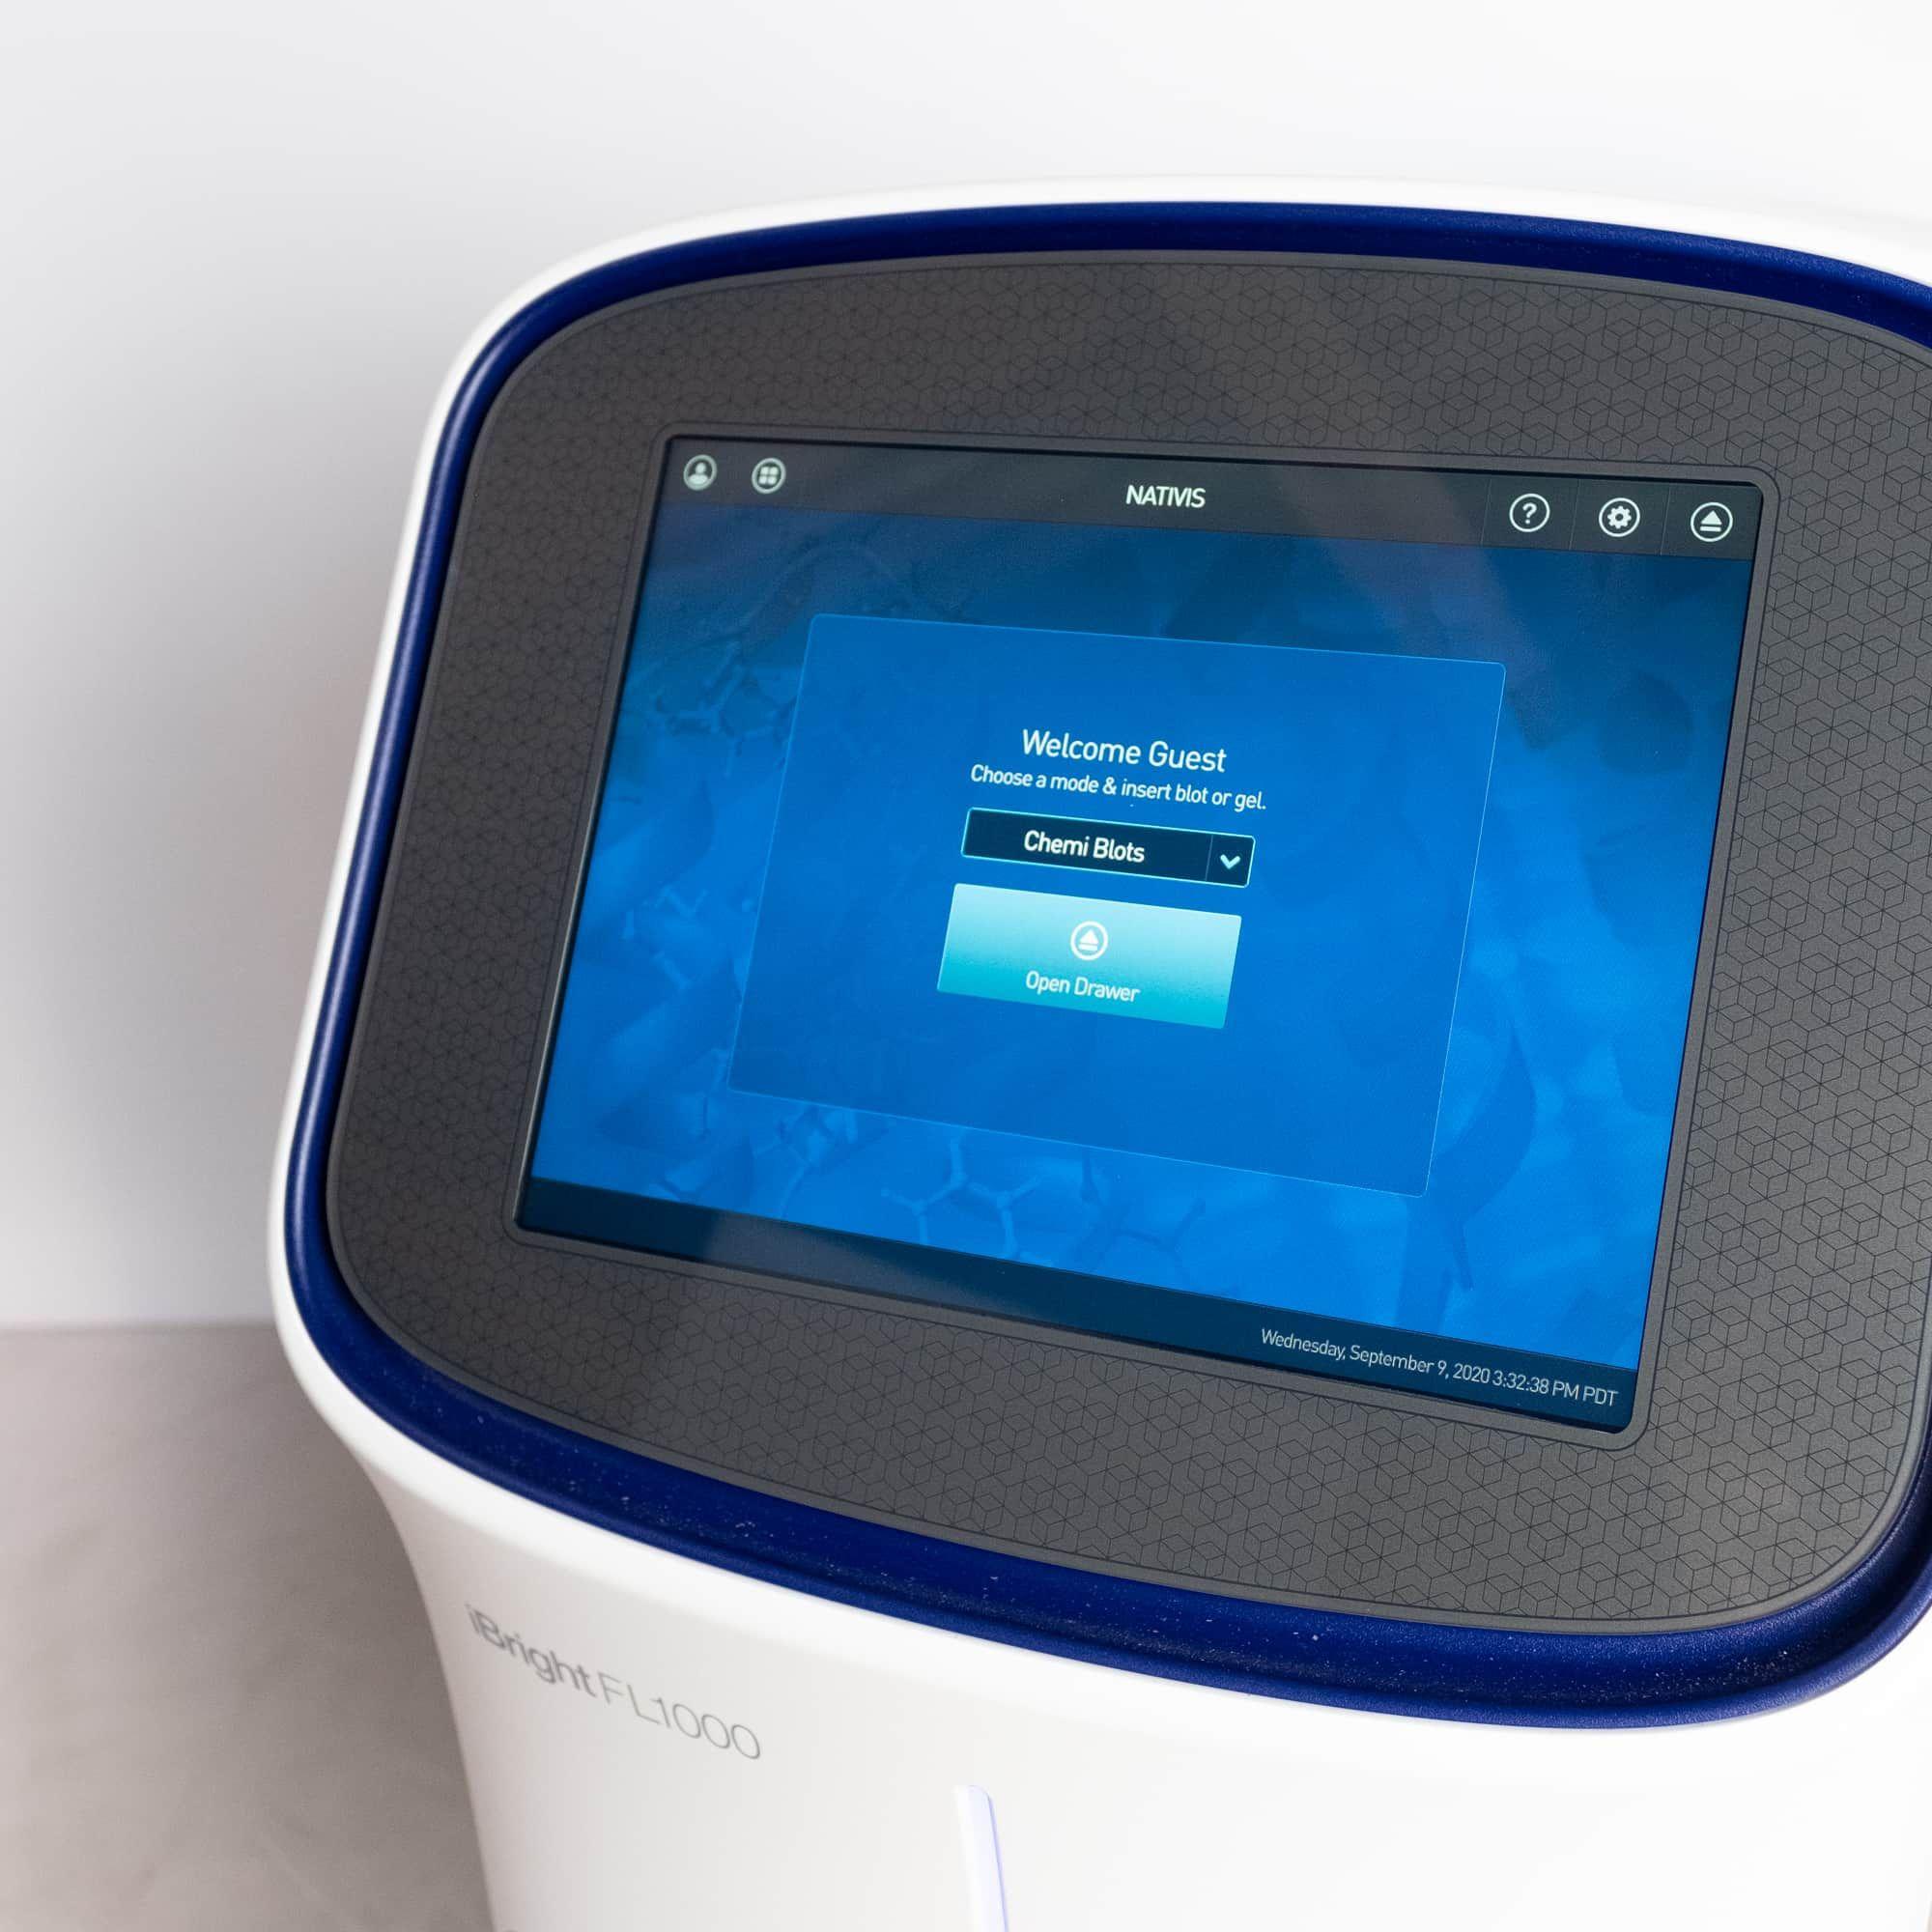 Invitrogen iBright FL1000 Imaging System